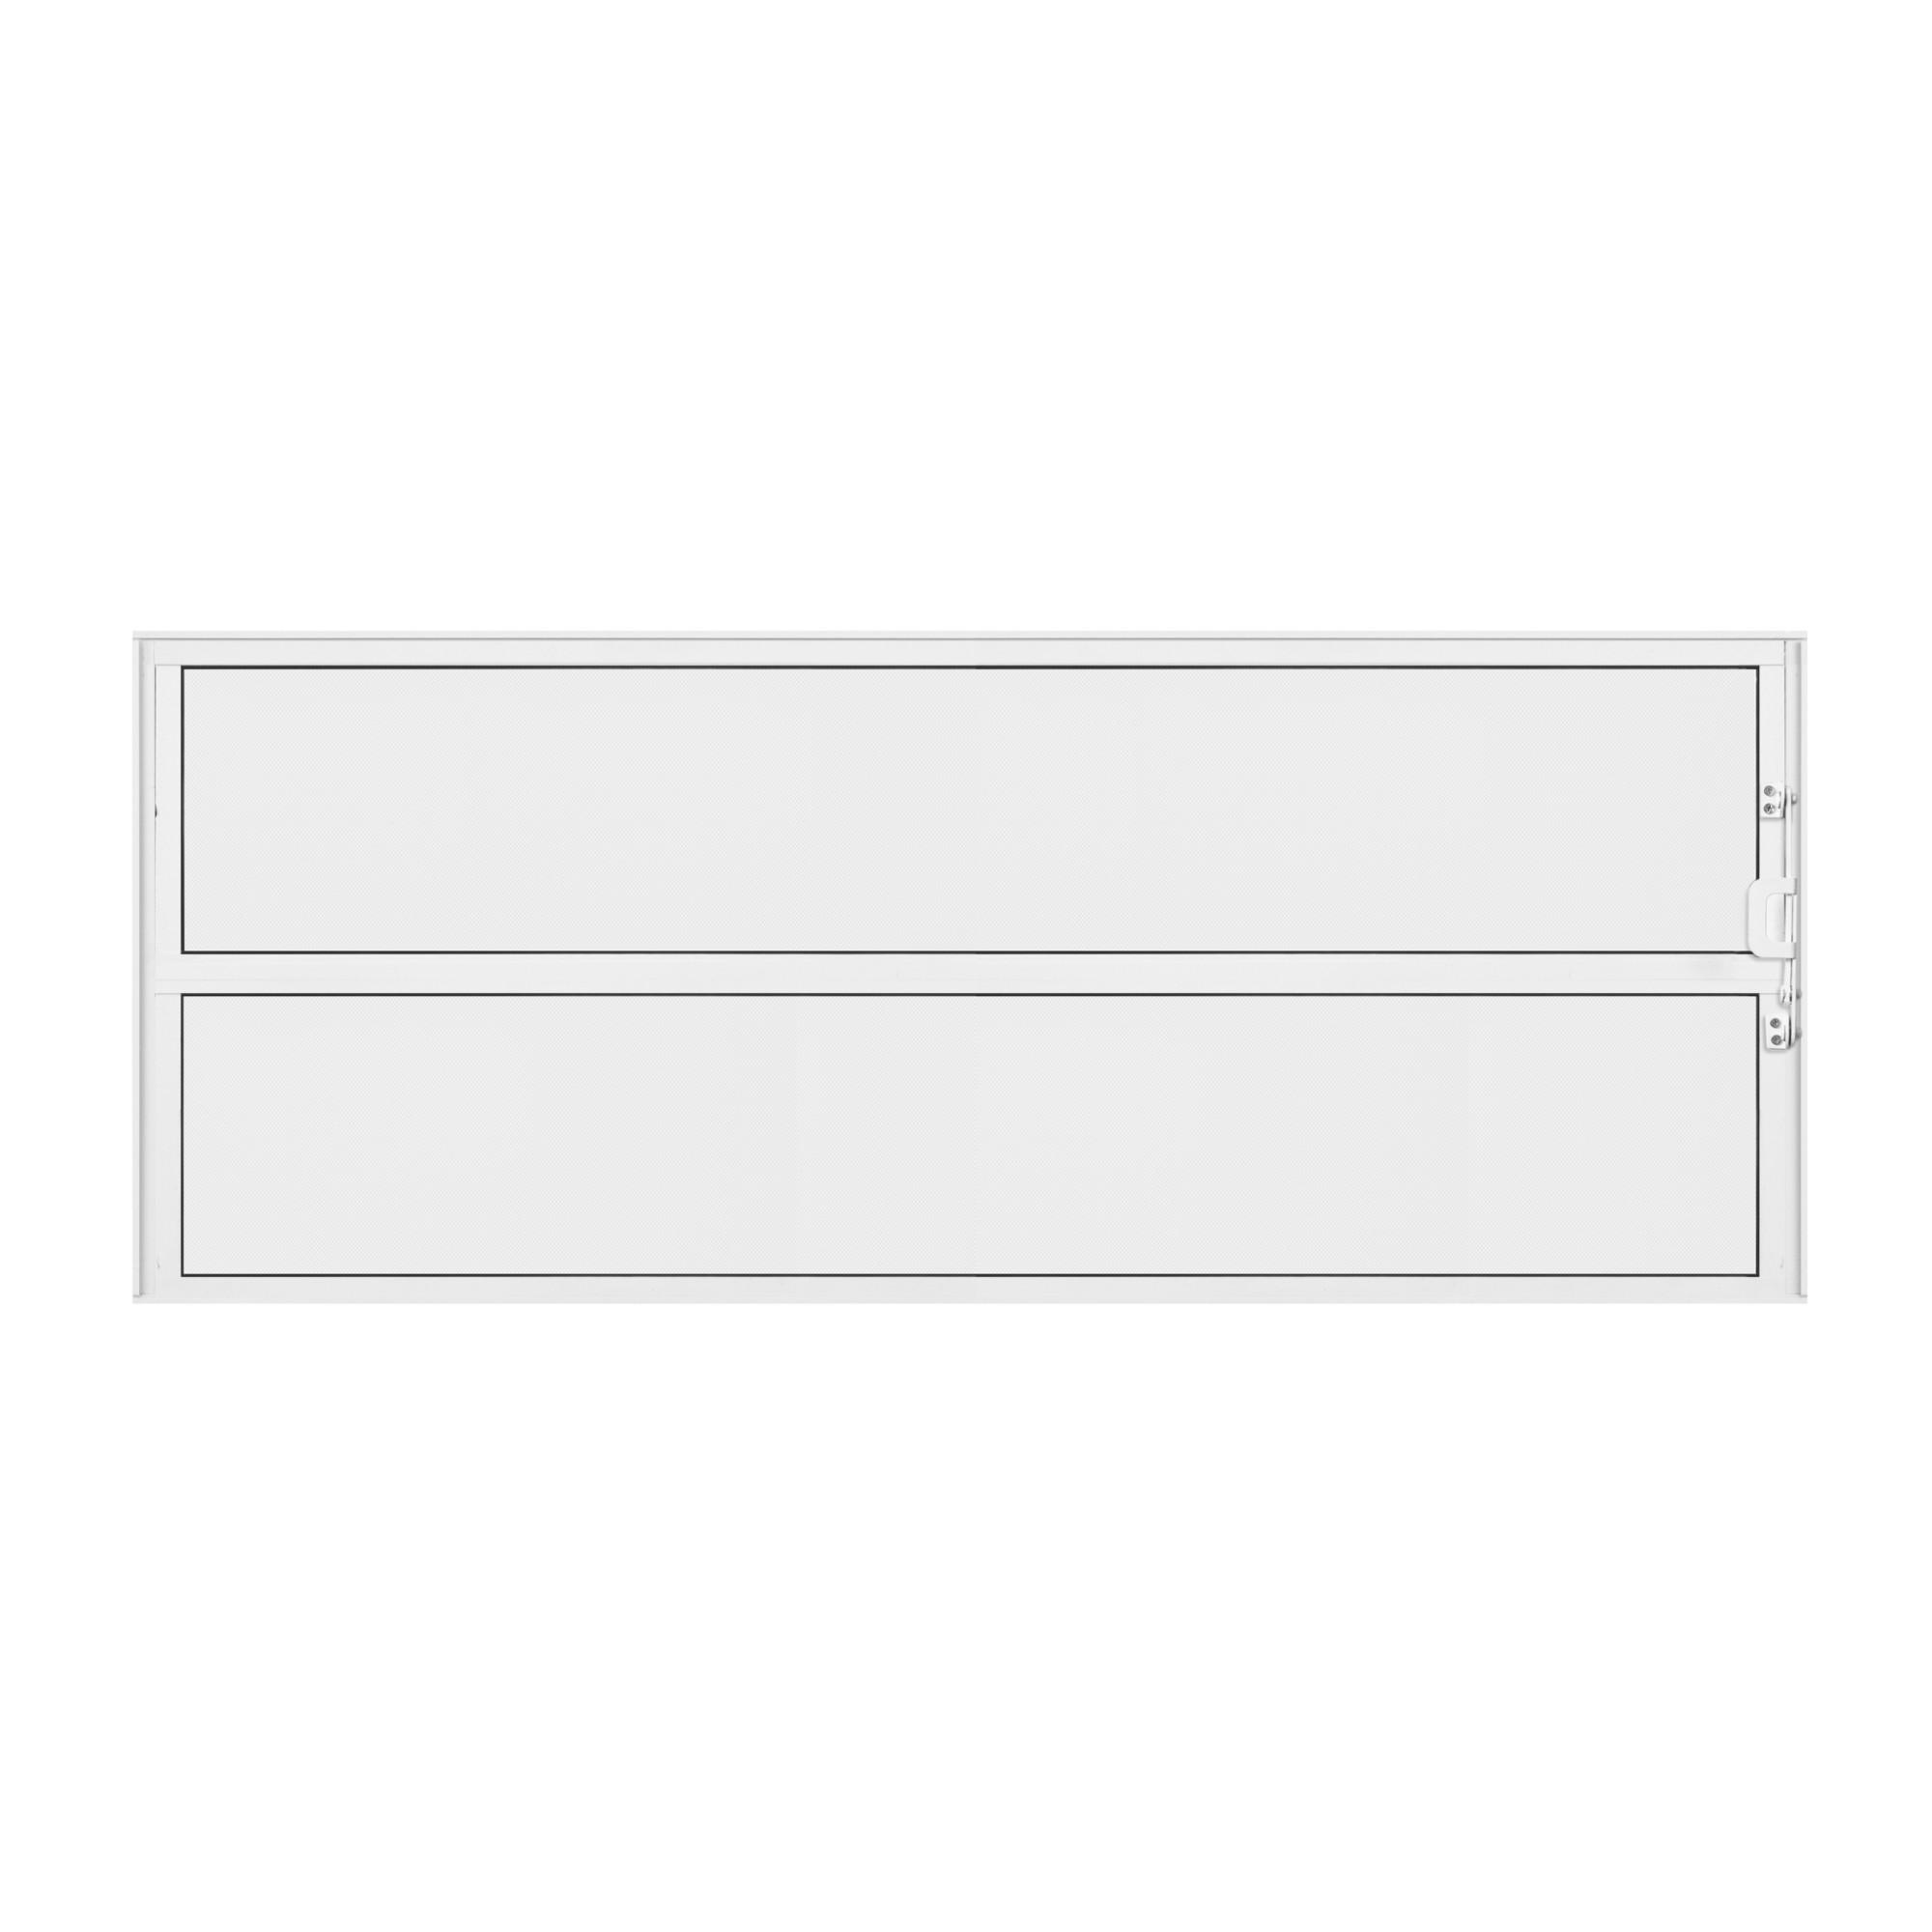 Basculante de Aluminio Branco 40x100 cm Metalflex Mini Boreal - Aluvid